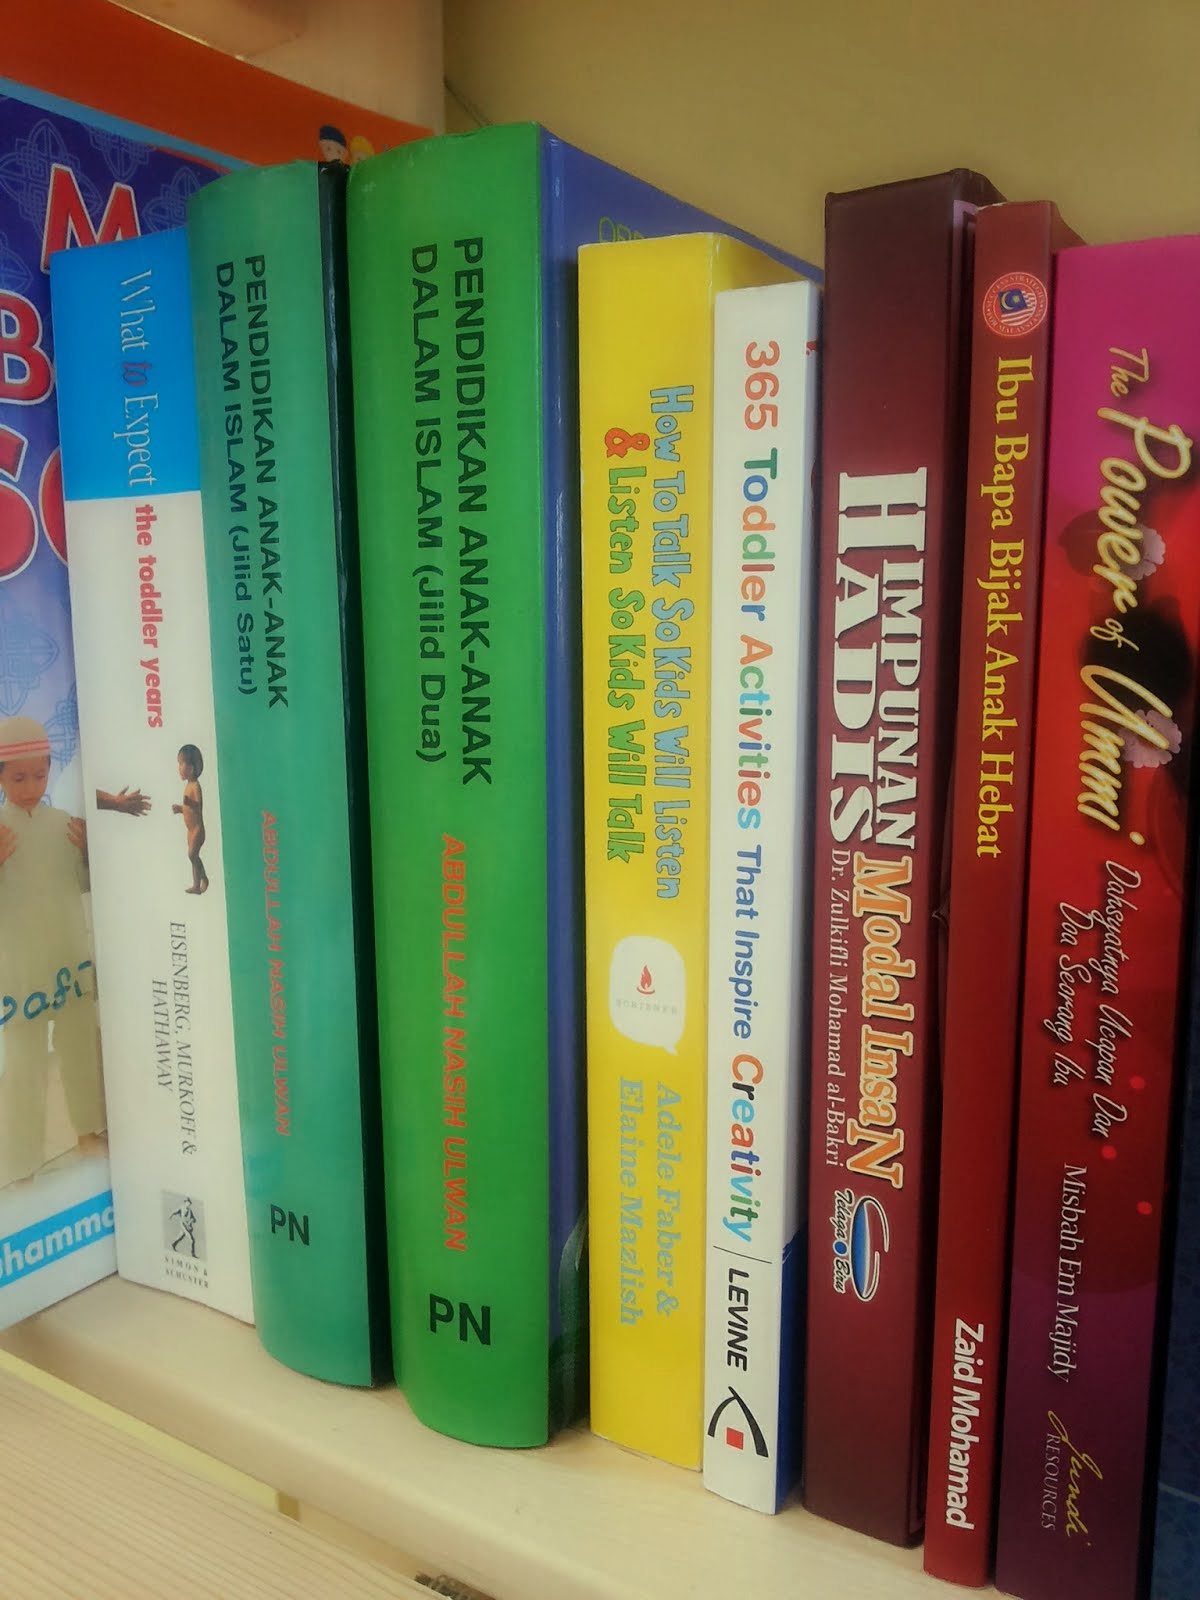 Sebahagian Buku Yang Dibaca Oleh Penulis